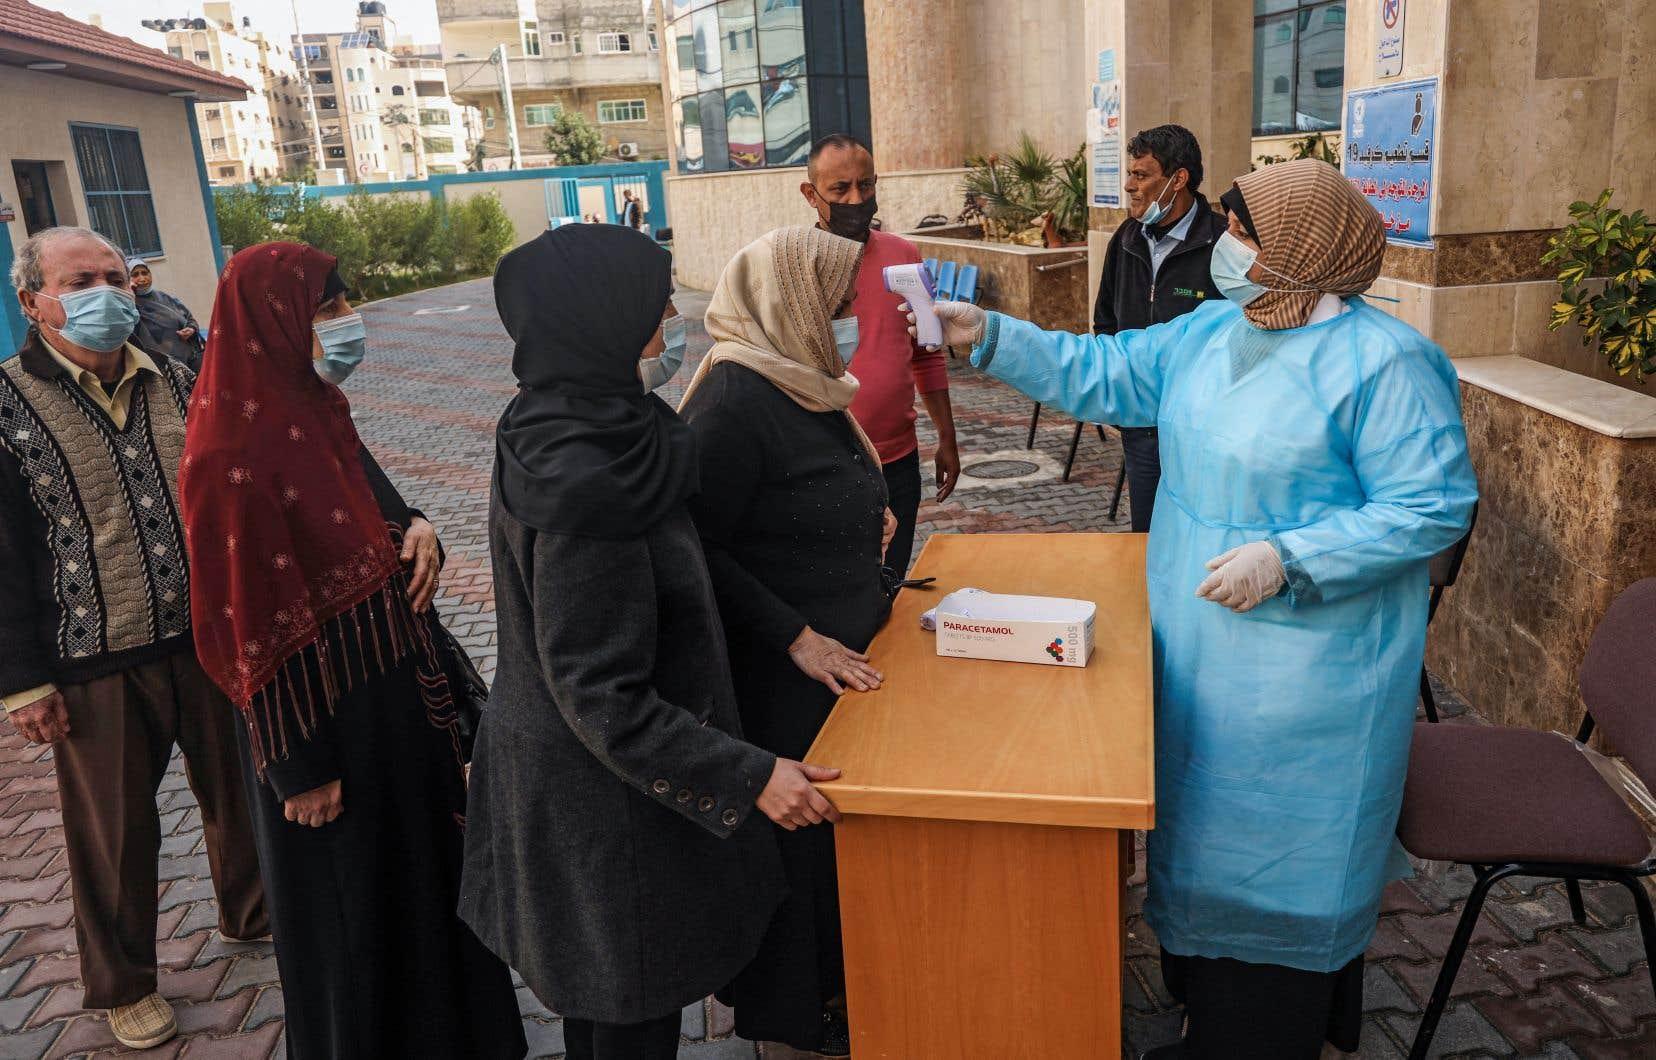 Dans la bande de Gaza, certains ont déjà pu se faire vacciner la semaine dernière, après la livraison de quelque 40000 doses du vaccin russe Spoutnik V en provenance des Émirats arabes unis.